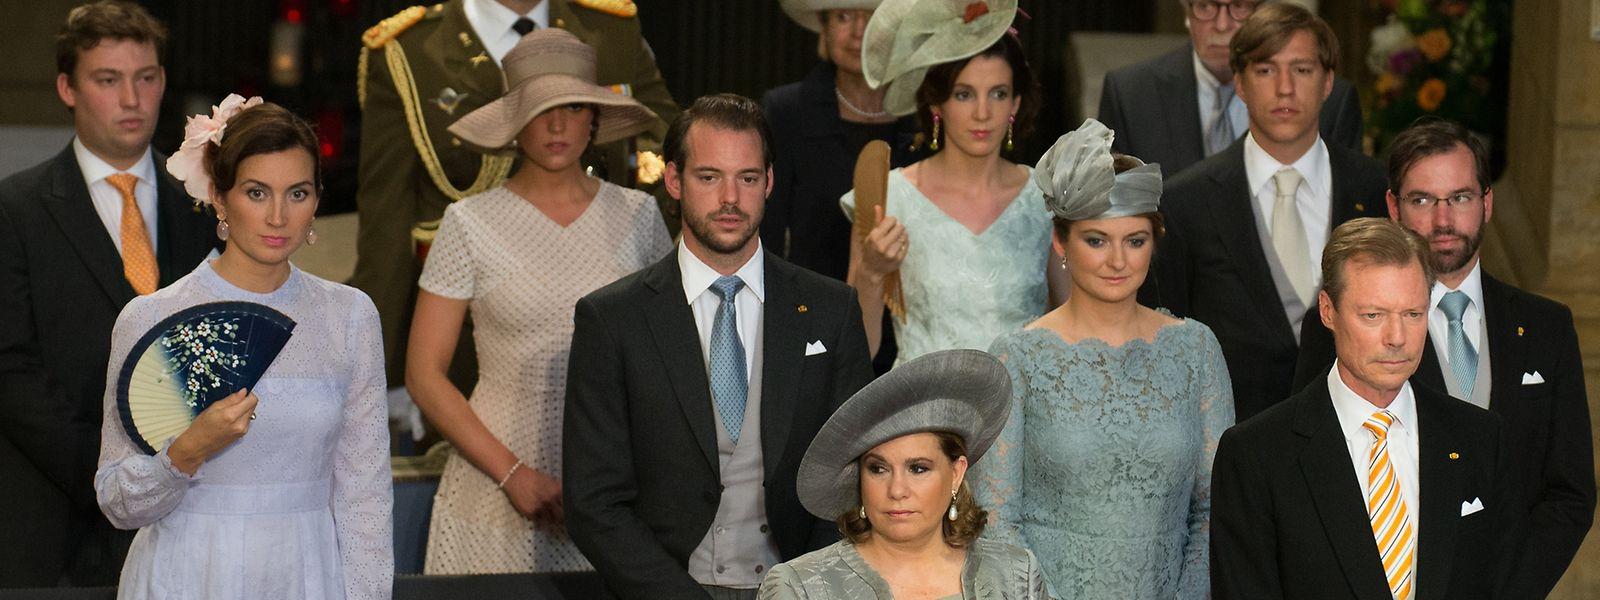 Die großherzogliche Familie während der kirchlichen Feier.